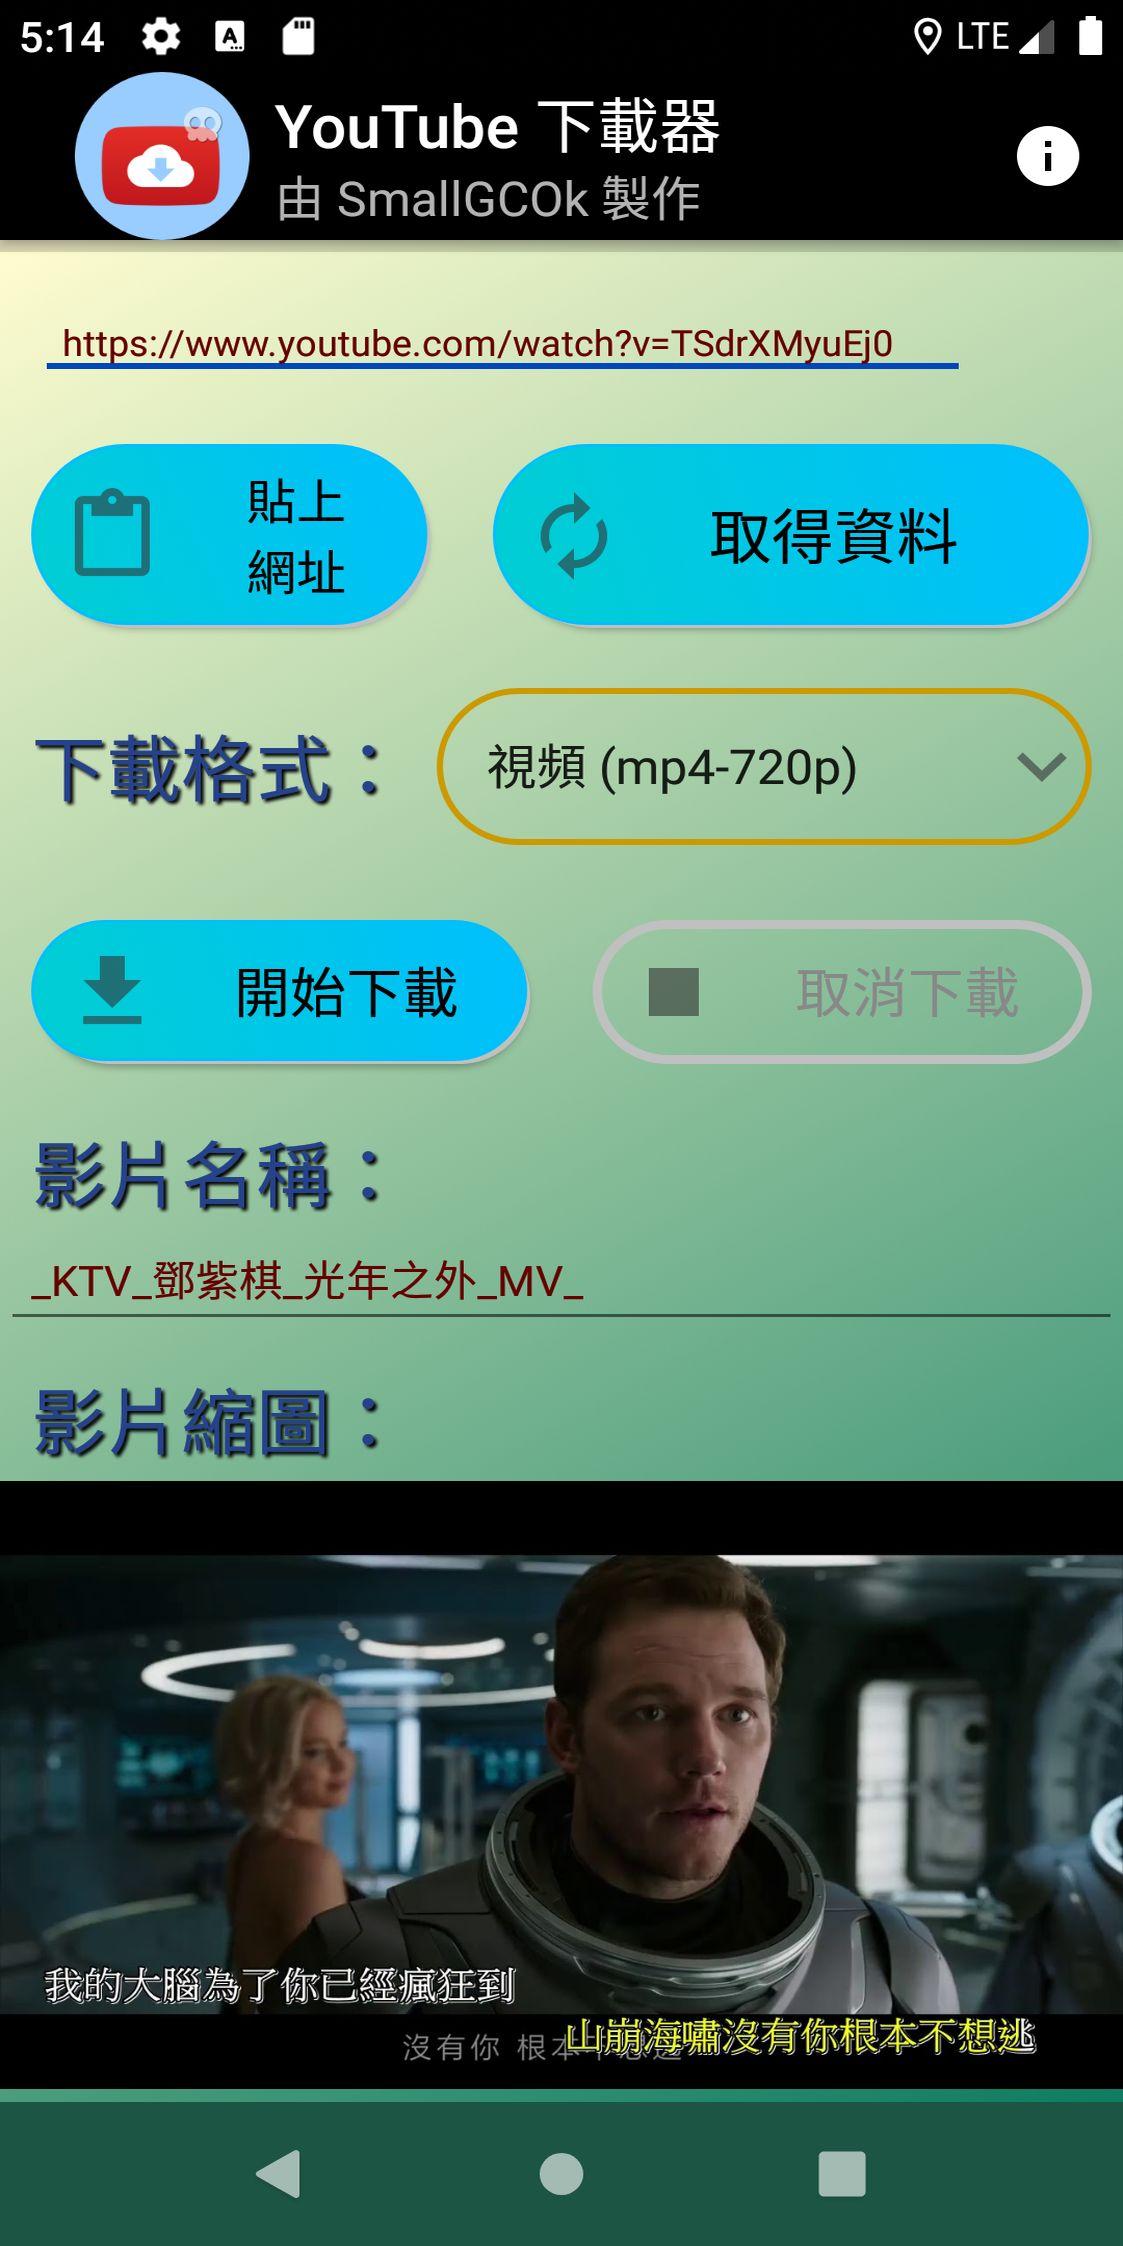 ScreenShot (3).jpg